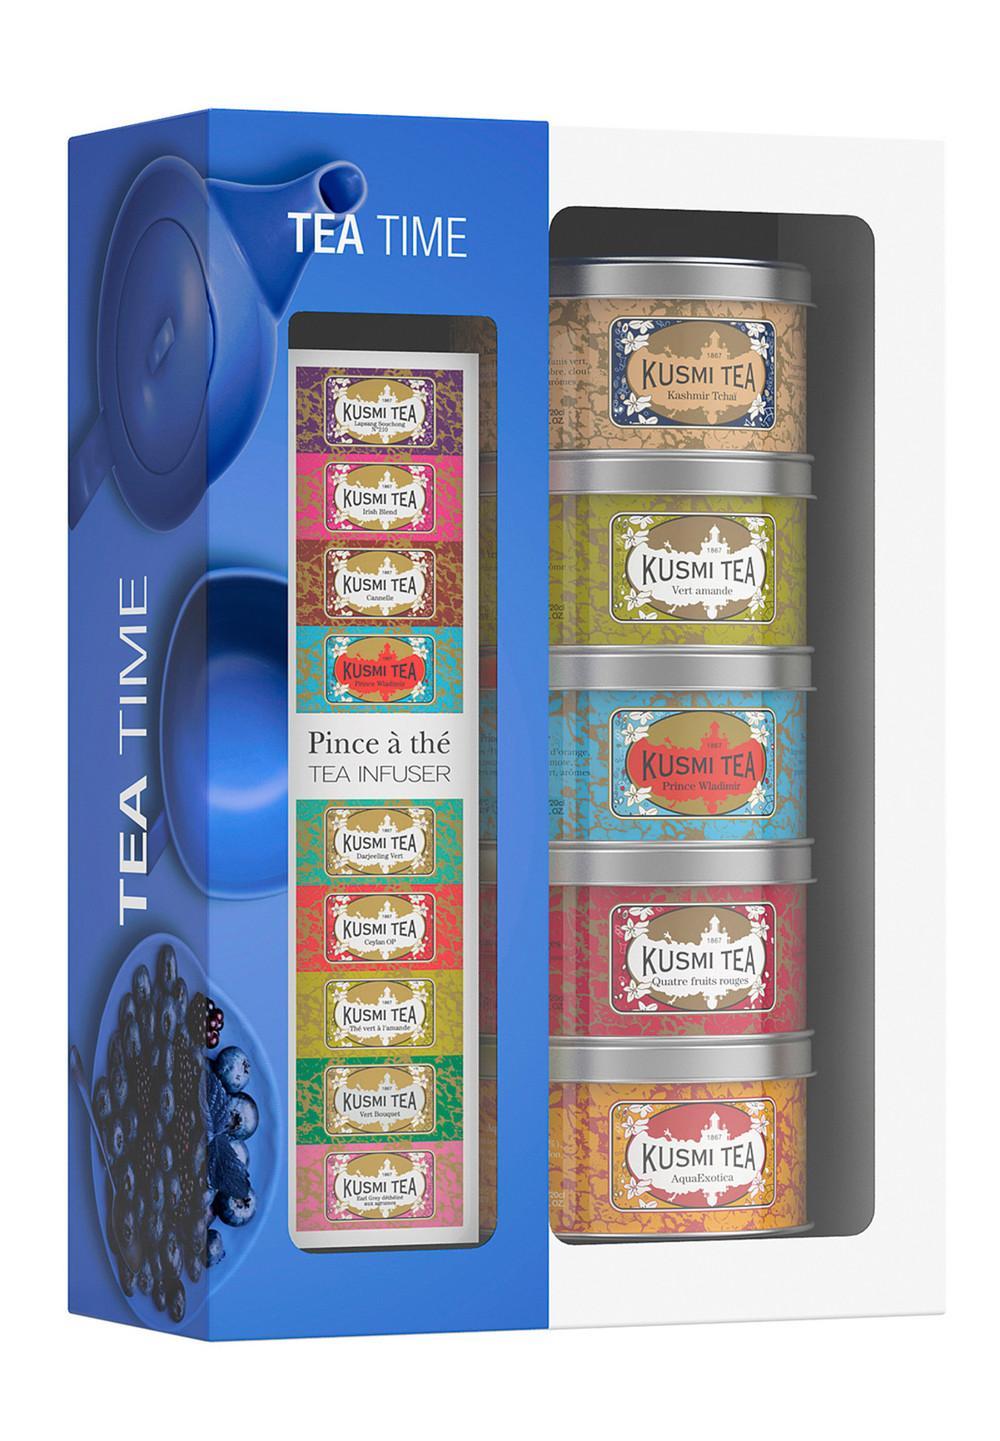 ティータイム 25g x 5缶 インフューザー付き - #1